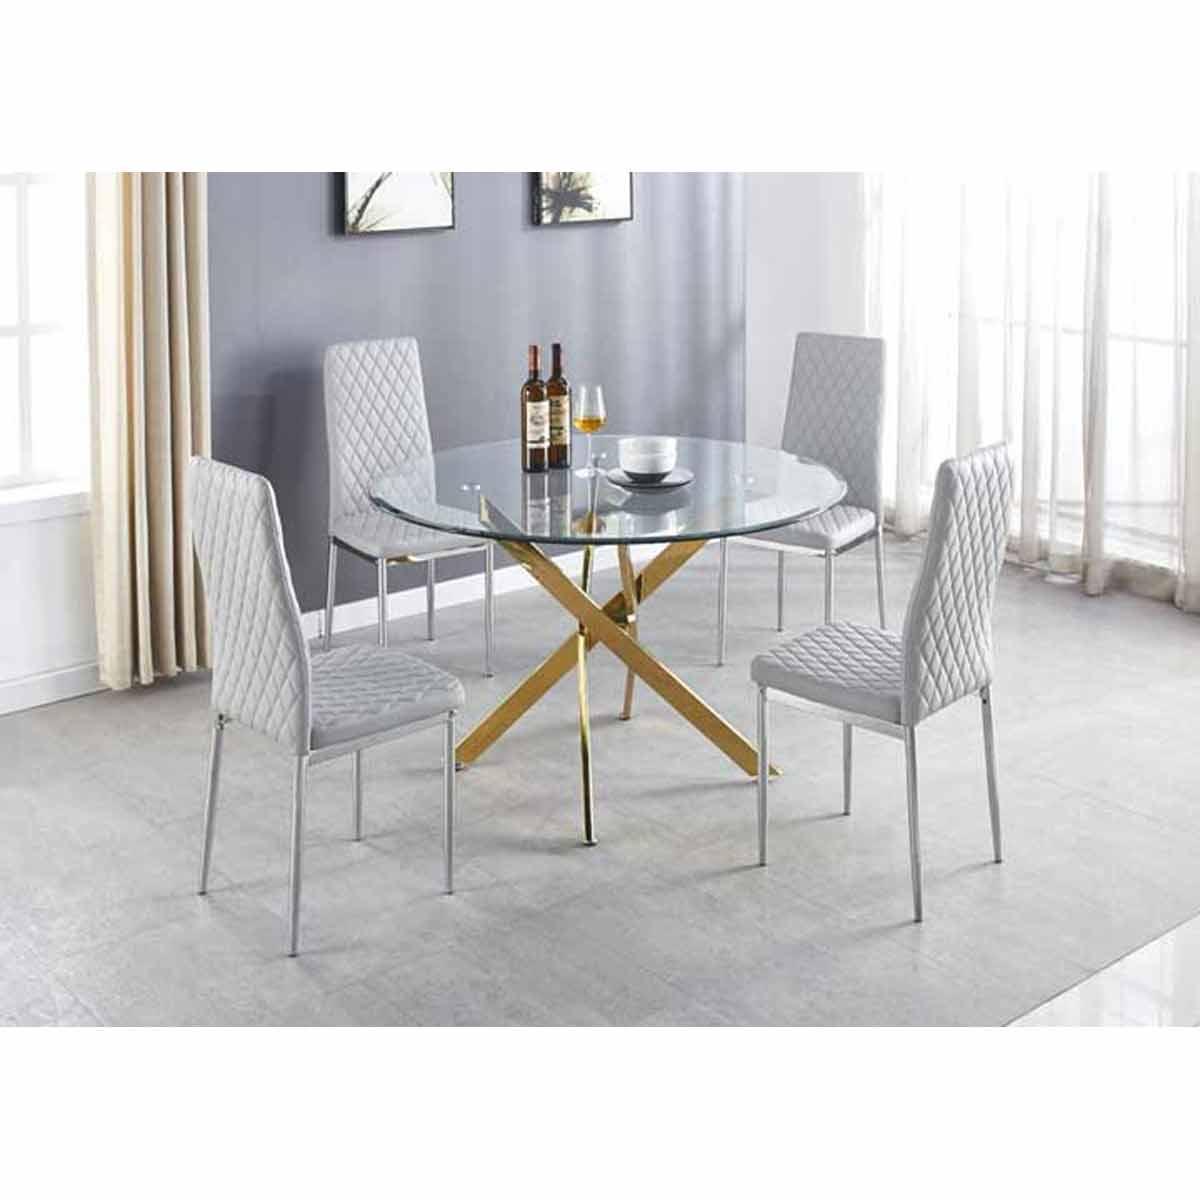 Furniture Box Novara Gold Metal Large Round Dining Table And 4 White Milan Chairs Set